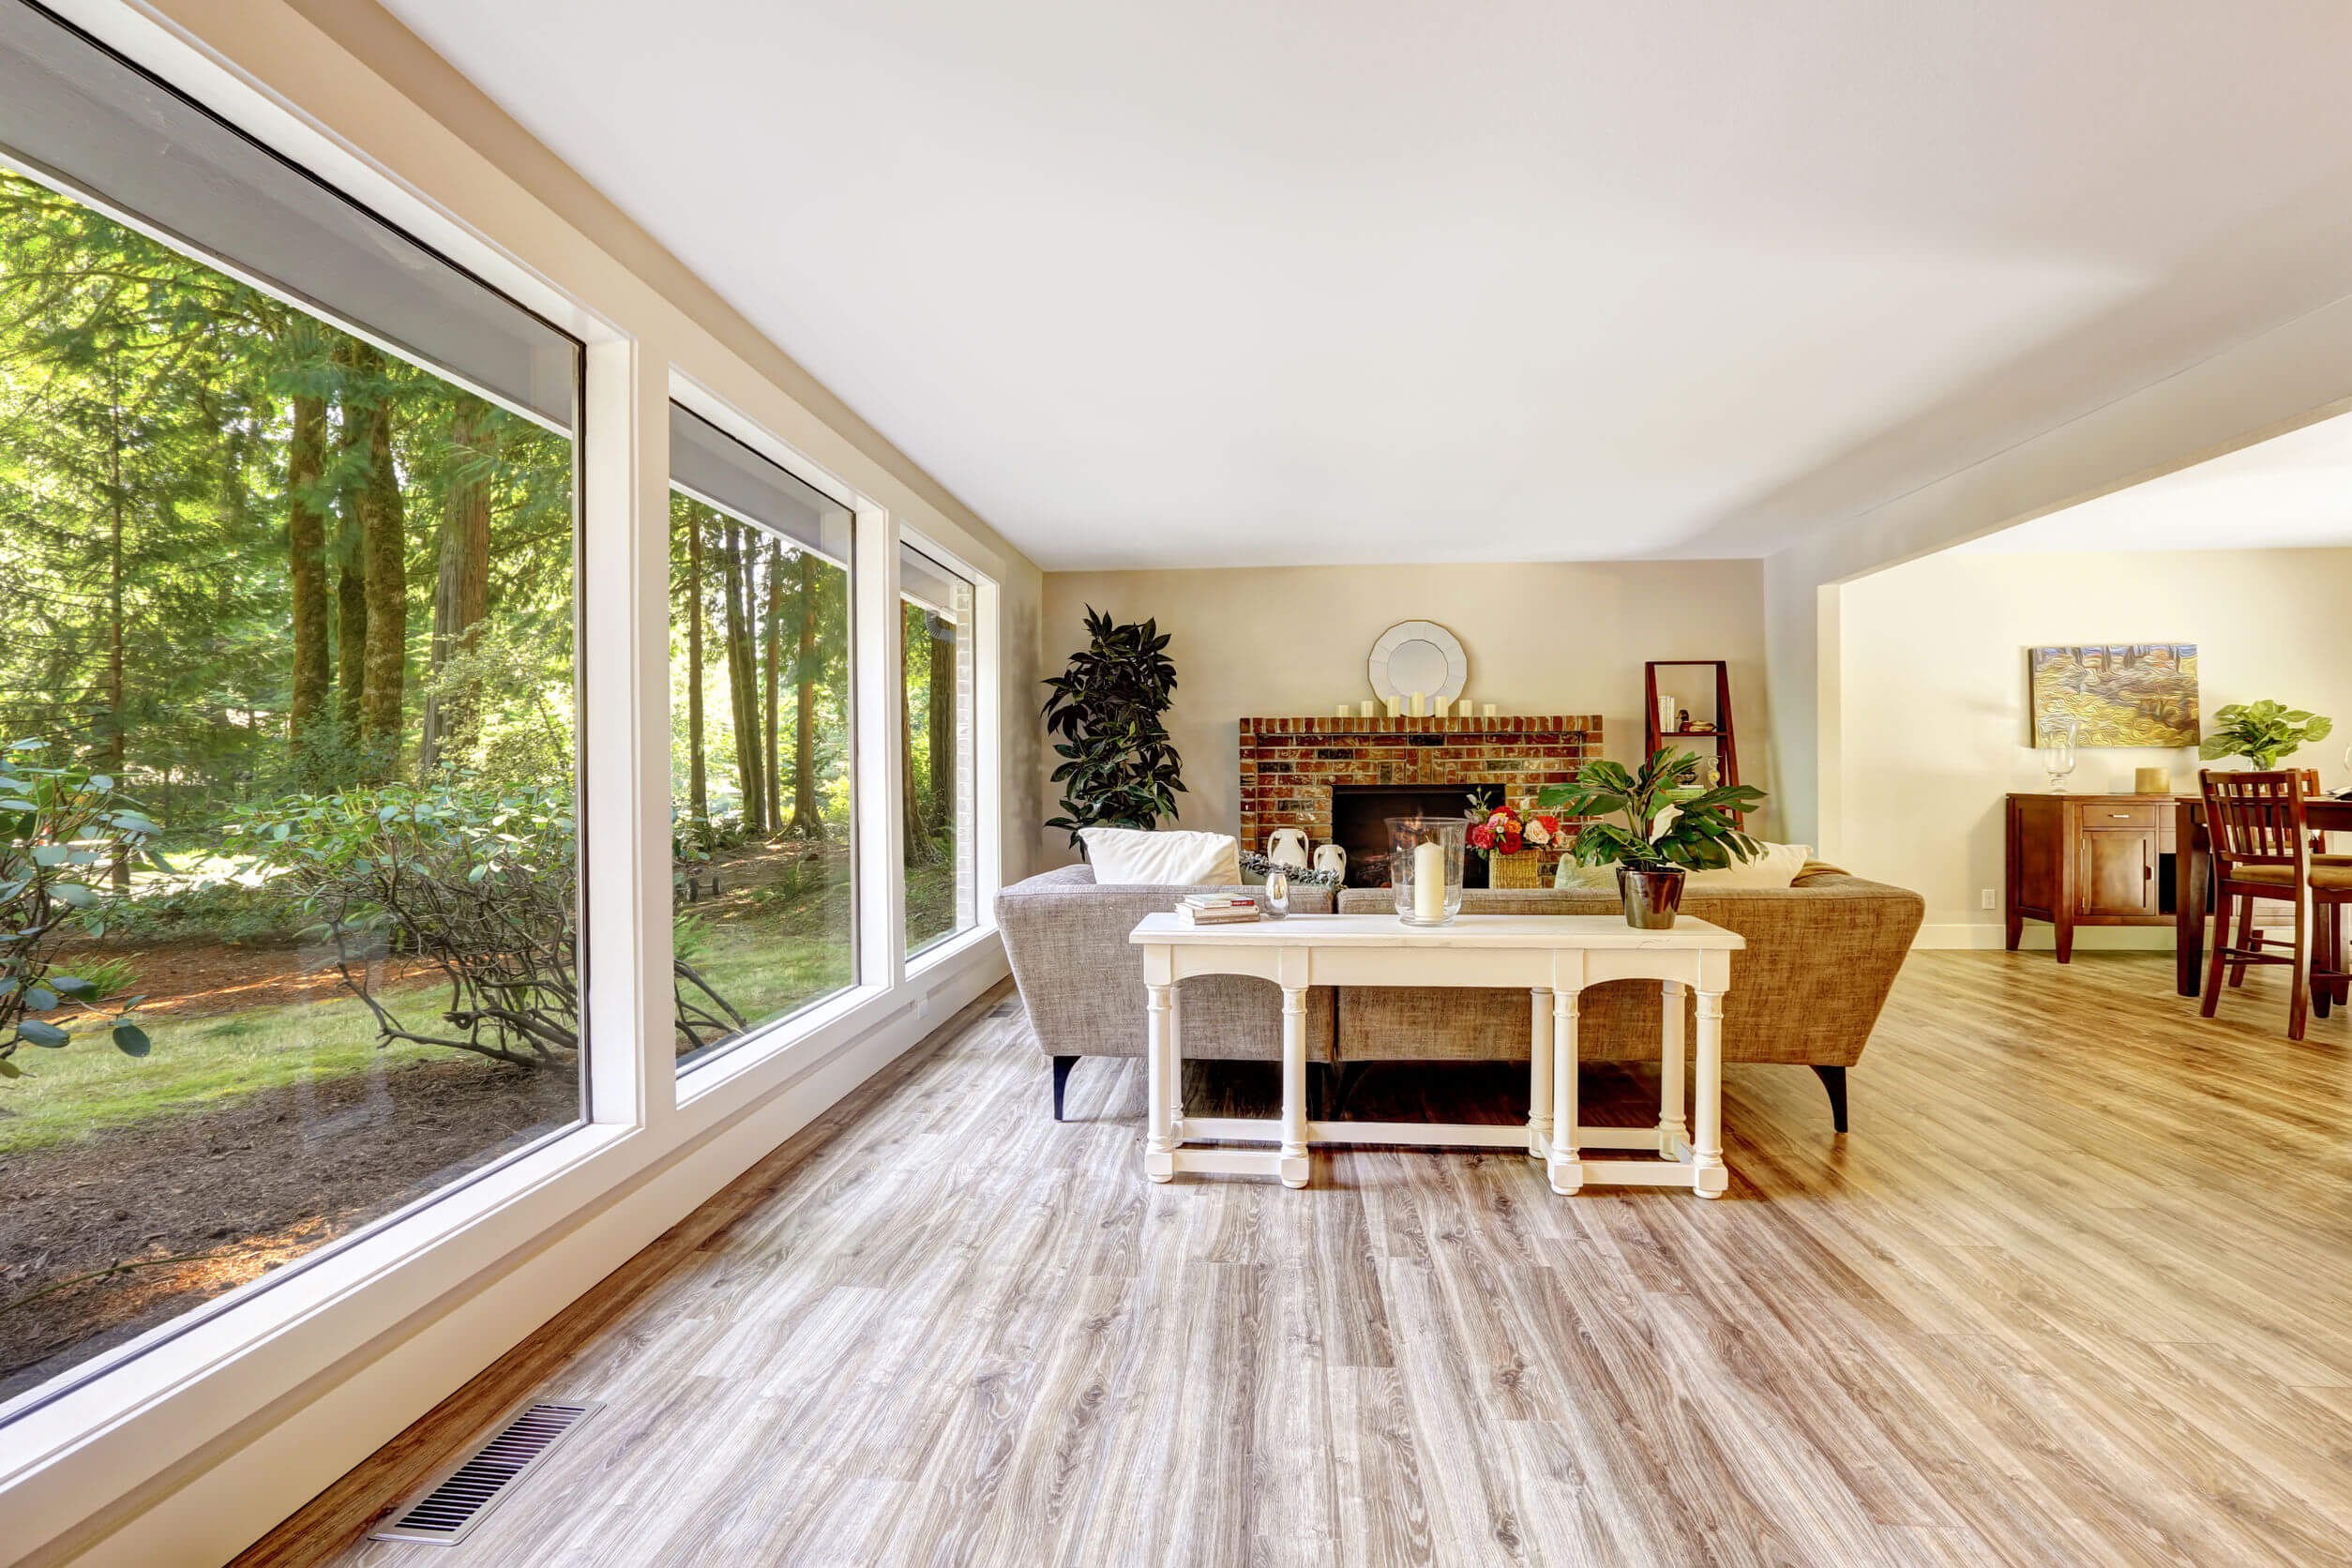 Minőségi laminált padlók a lakásban